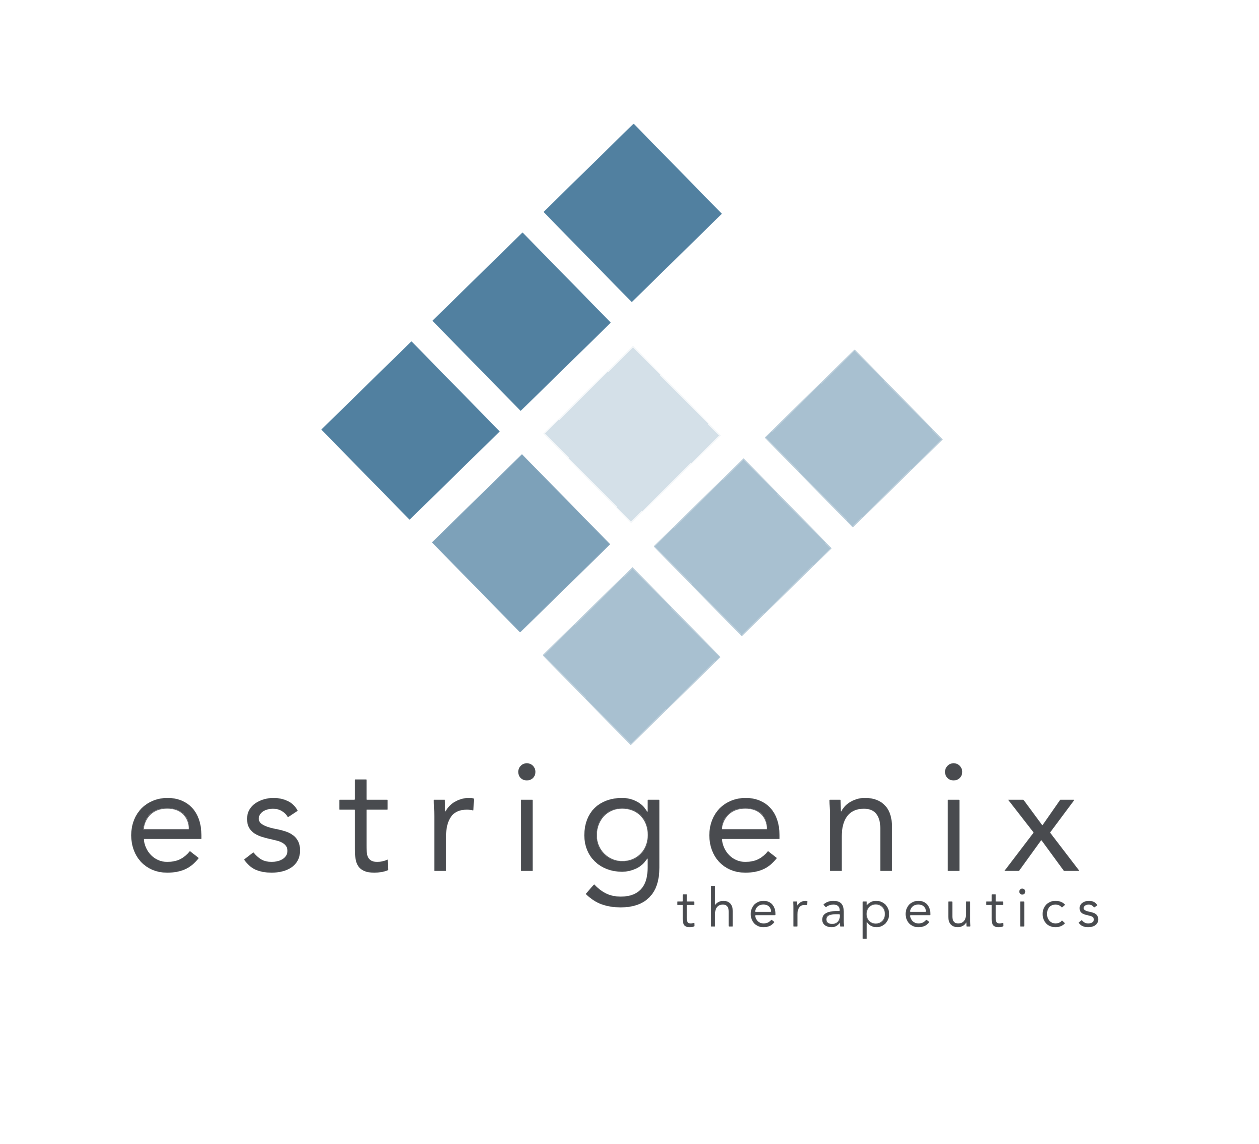 estrigenix.png